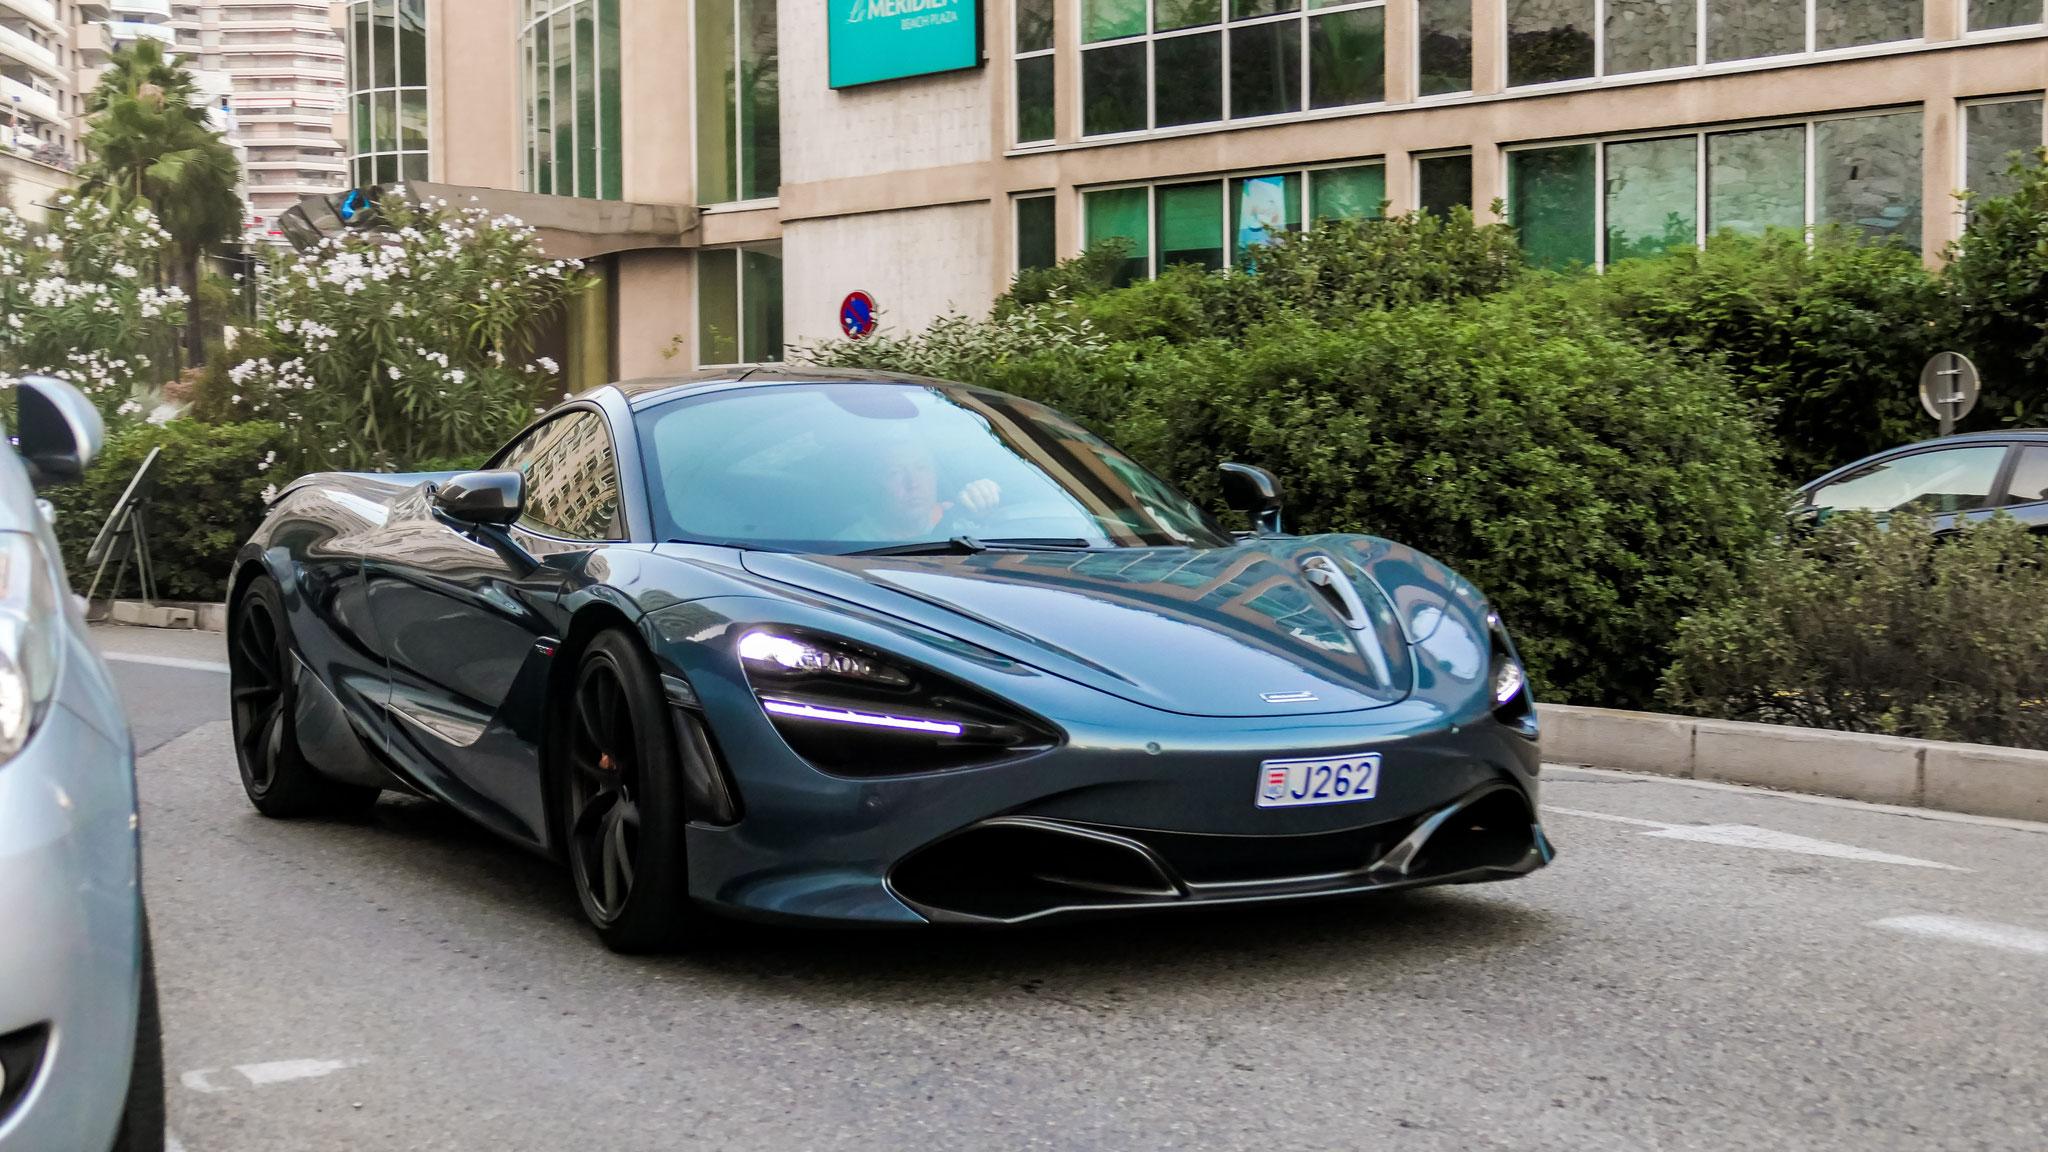 McLaren 720S - J262 (MC)